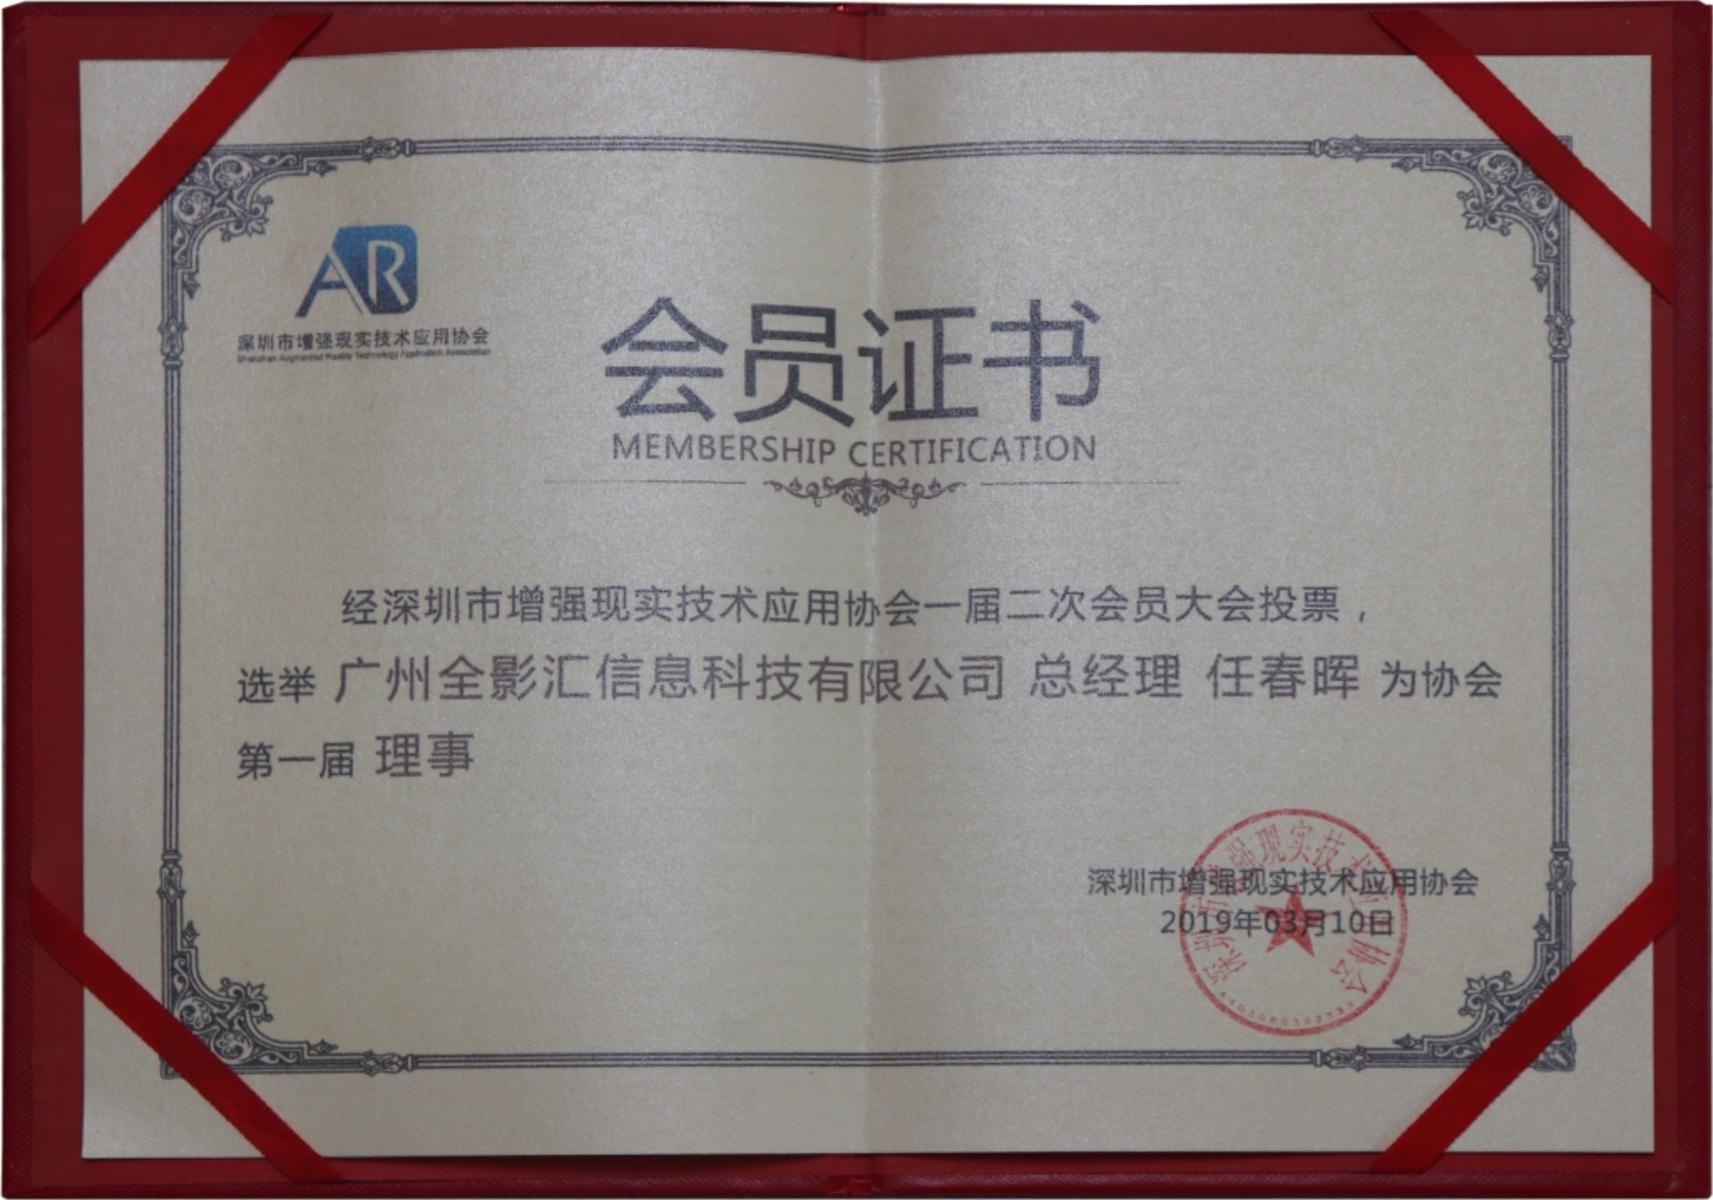 深圳市增强现实技术应用协会会员证书-2019年3月10日